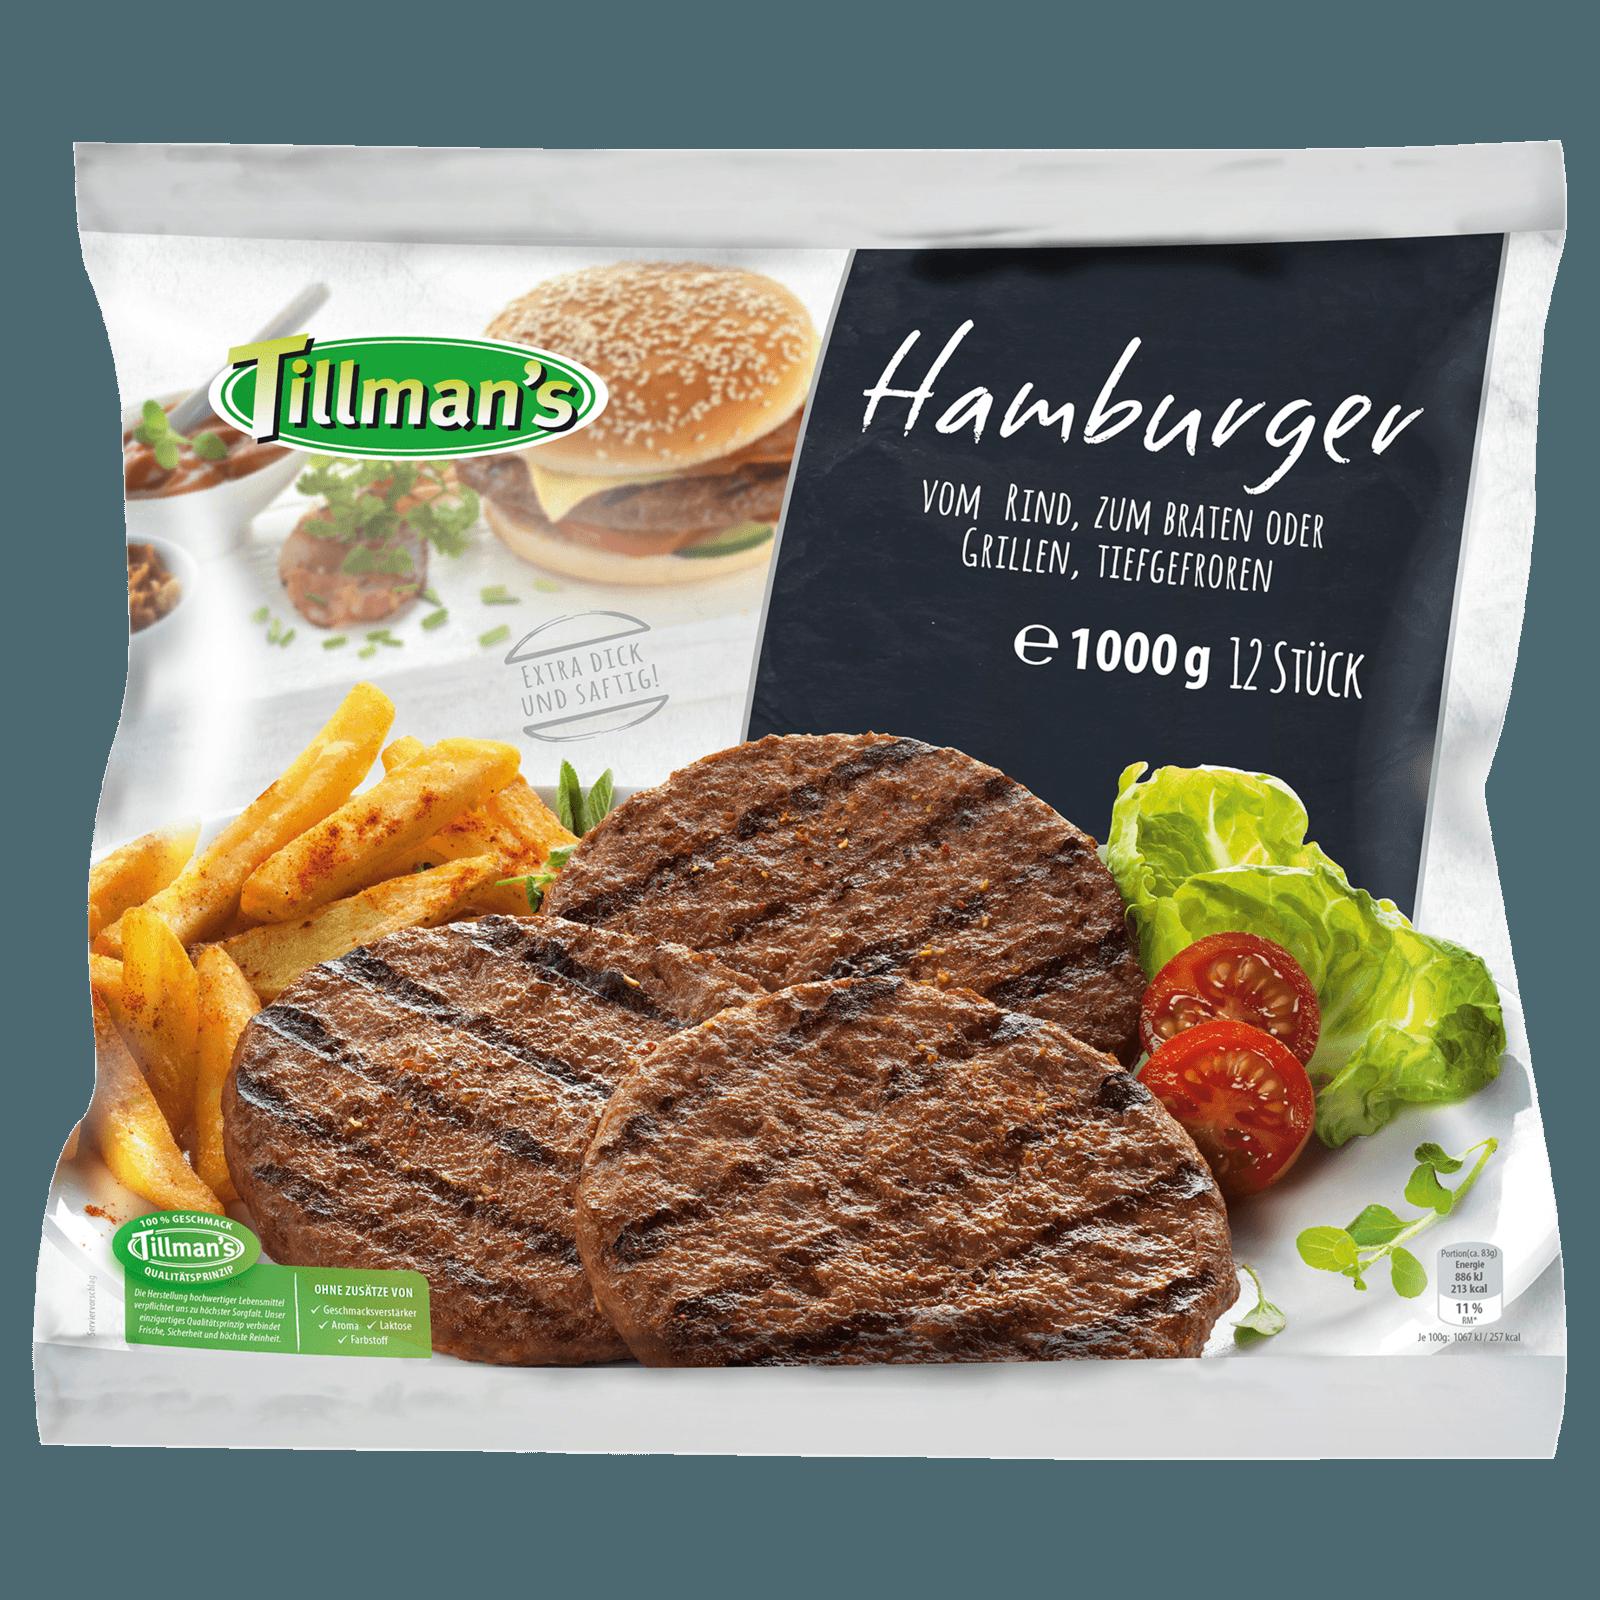 Tillman's Hamburger 1kg